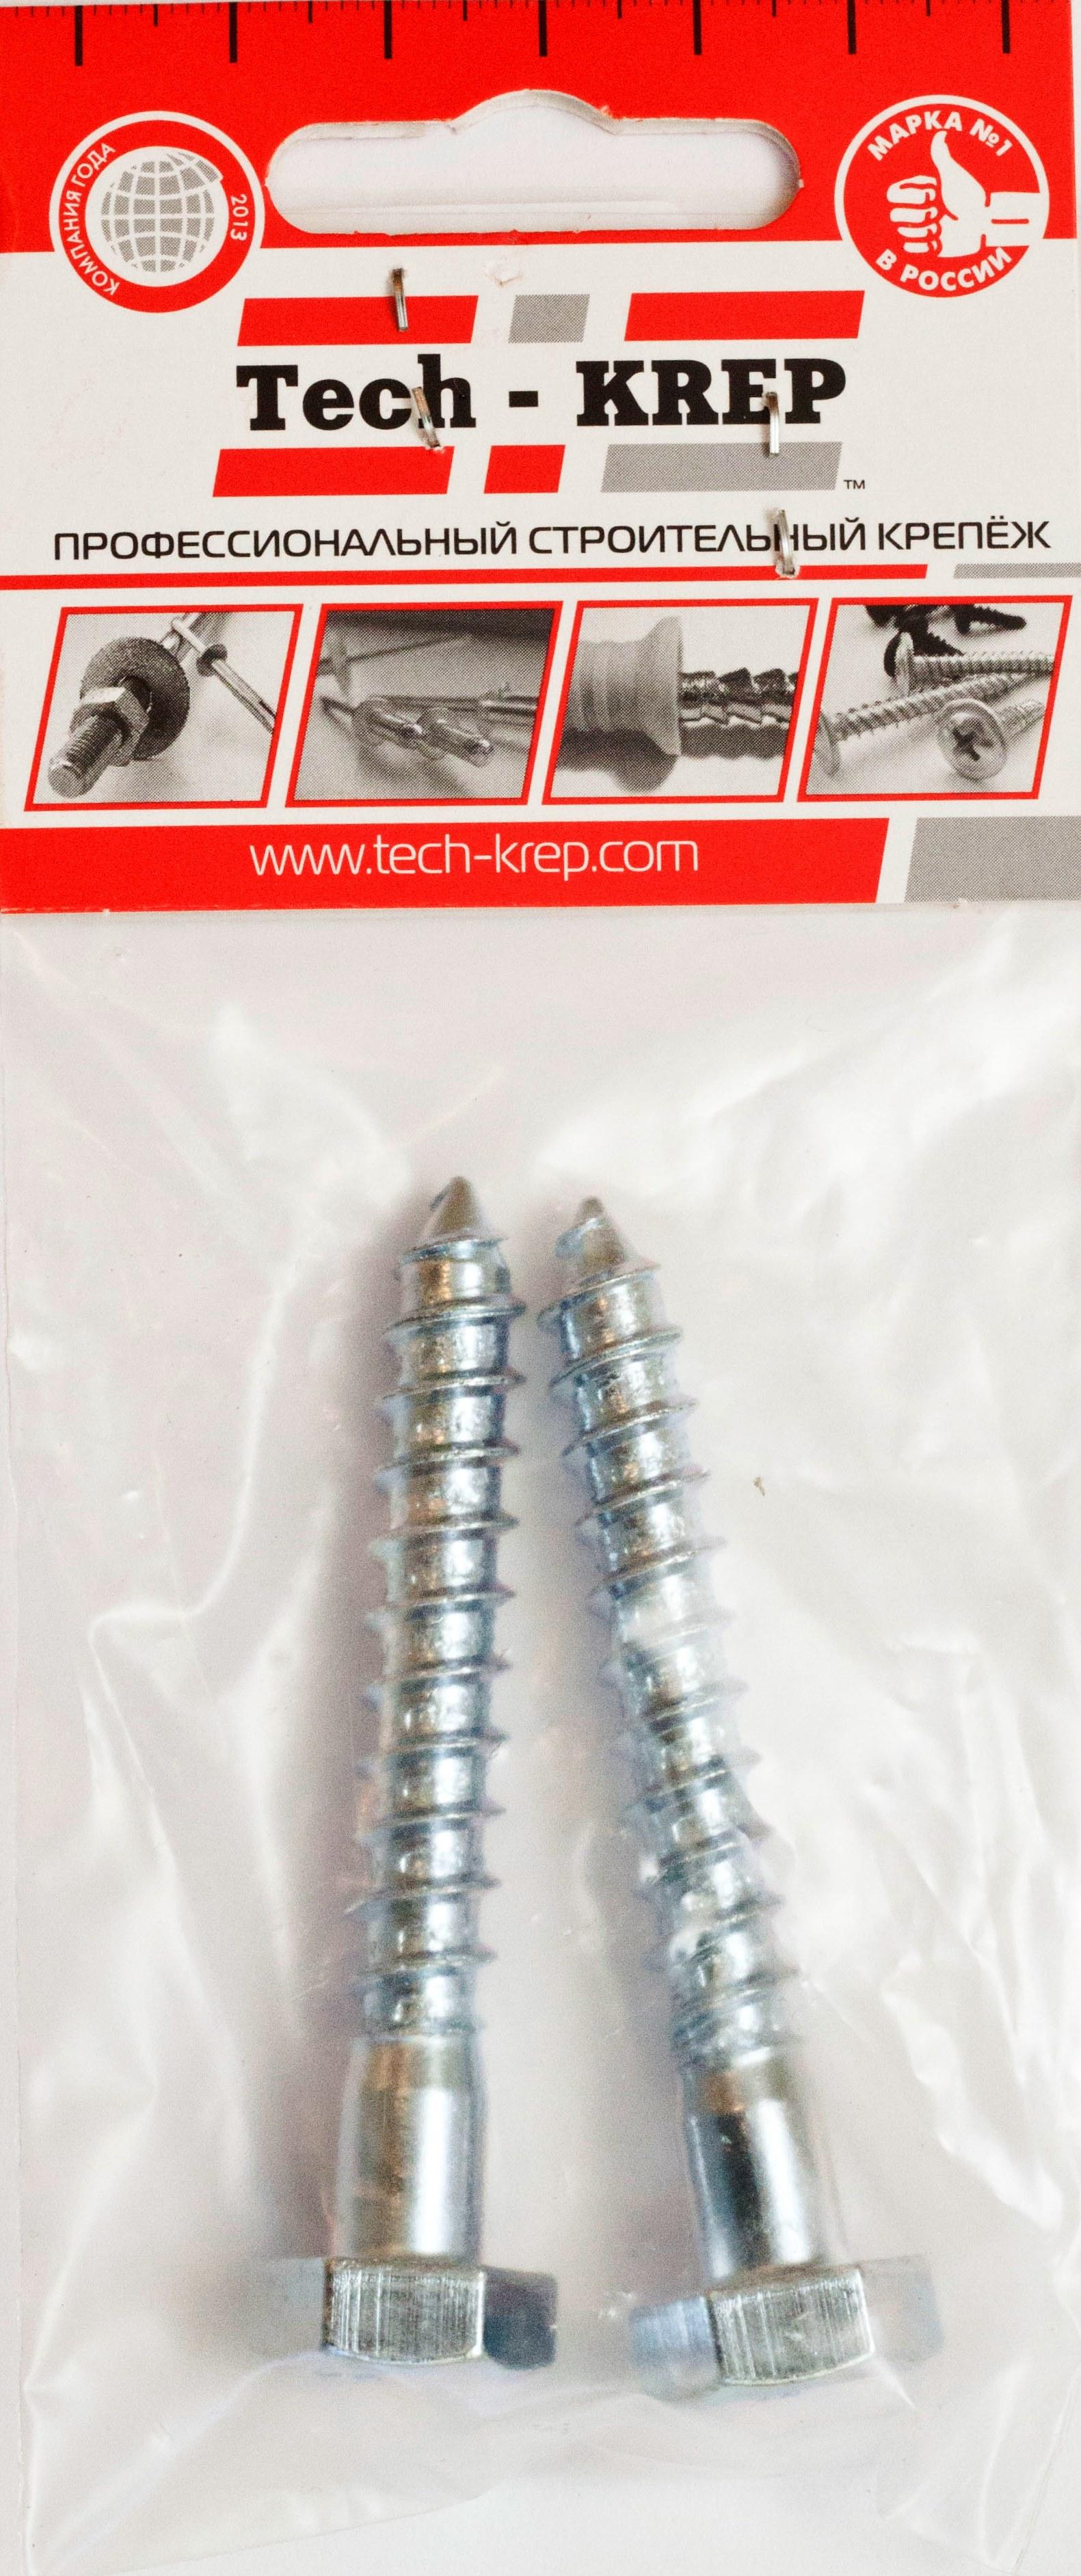 Шуруп ТЕХ-КРЕПСаморезы и шурупы<br>Тип: шуруп, Диаметр: 8, Длина (мм): 140, Материал: сталь оцинкованная, Цвет: серебристый, Головка: потайная, Назначение: универсальные, Количество в упаковке: 2<br>